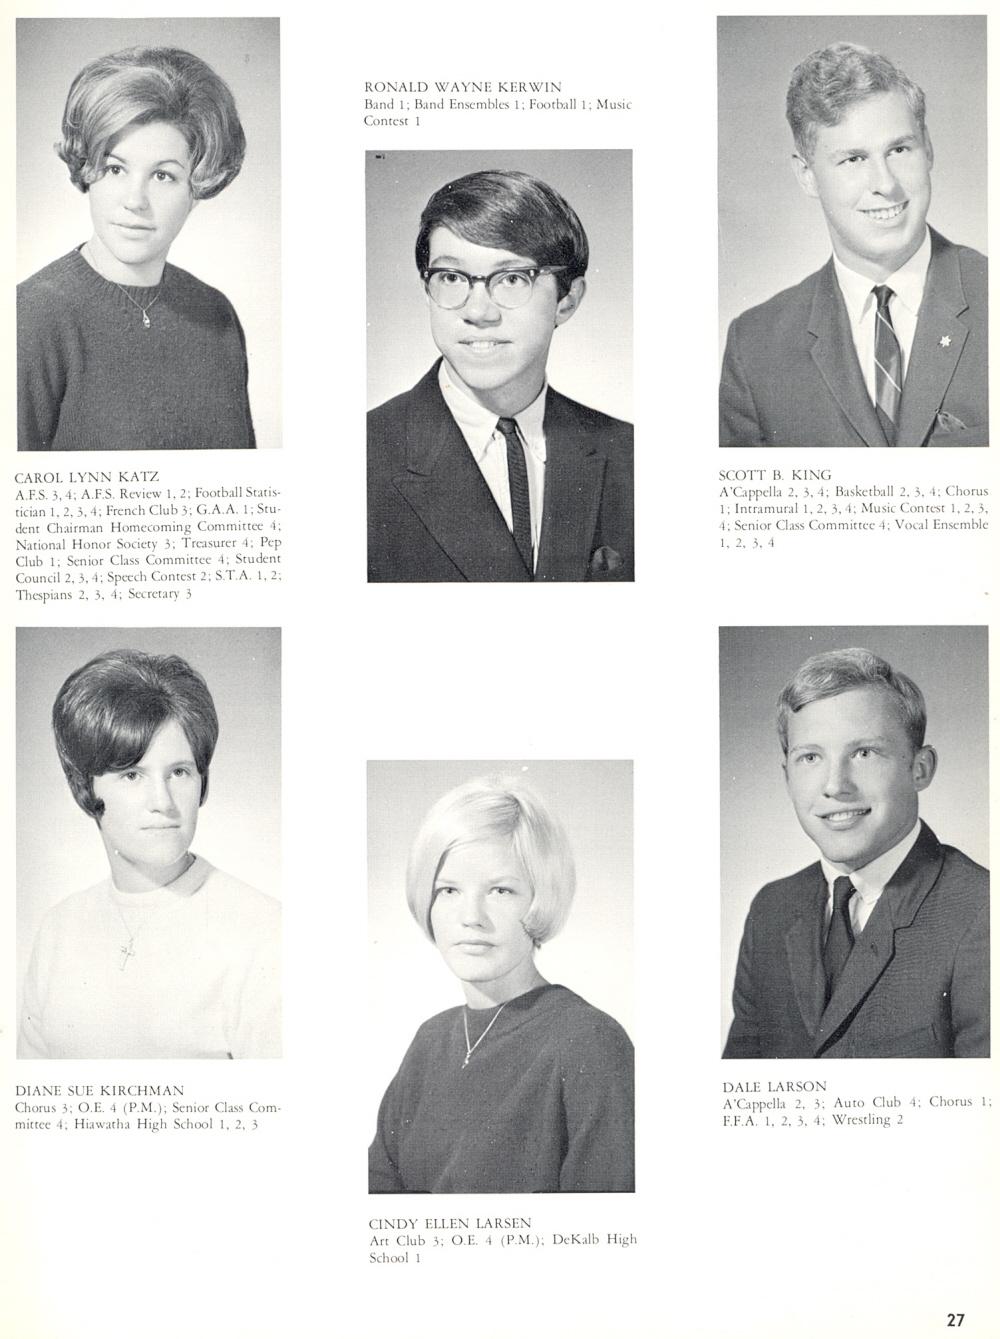 9bd384a0394b3 1968 Sycamore High School, Page 27: Carol Lynn Katz, Ronald Wayne Kerwin,  Scott B. King, Diane Sue Kirchman, Cindy Ellen Larsen, Dale Larson.